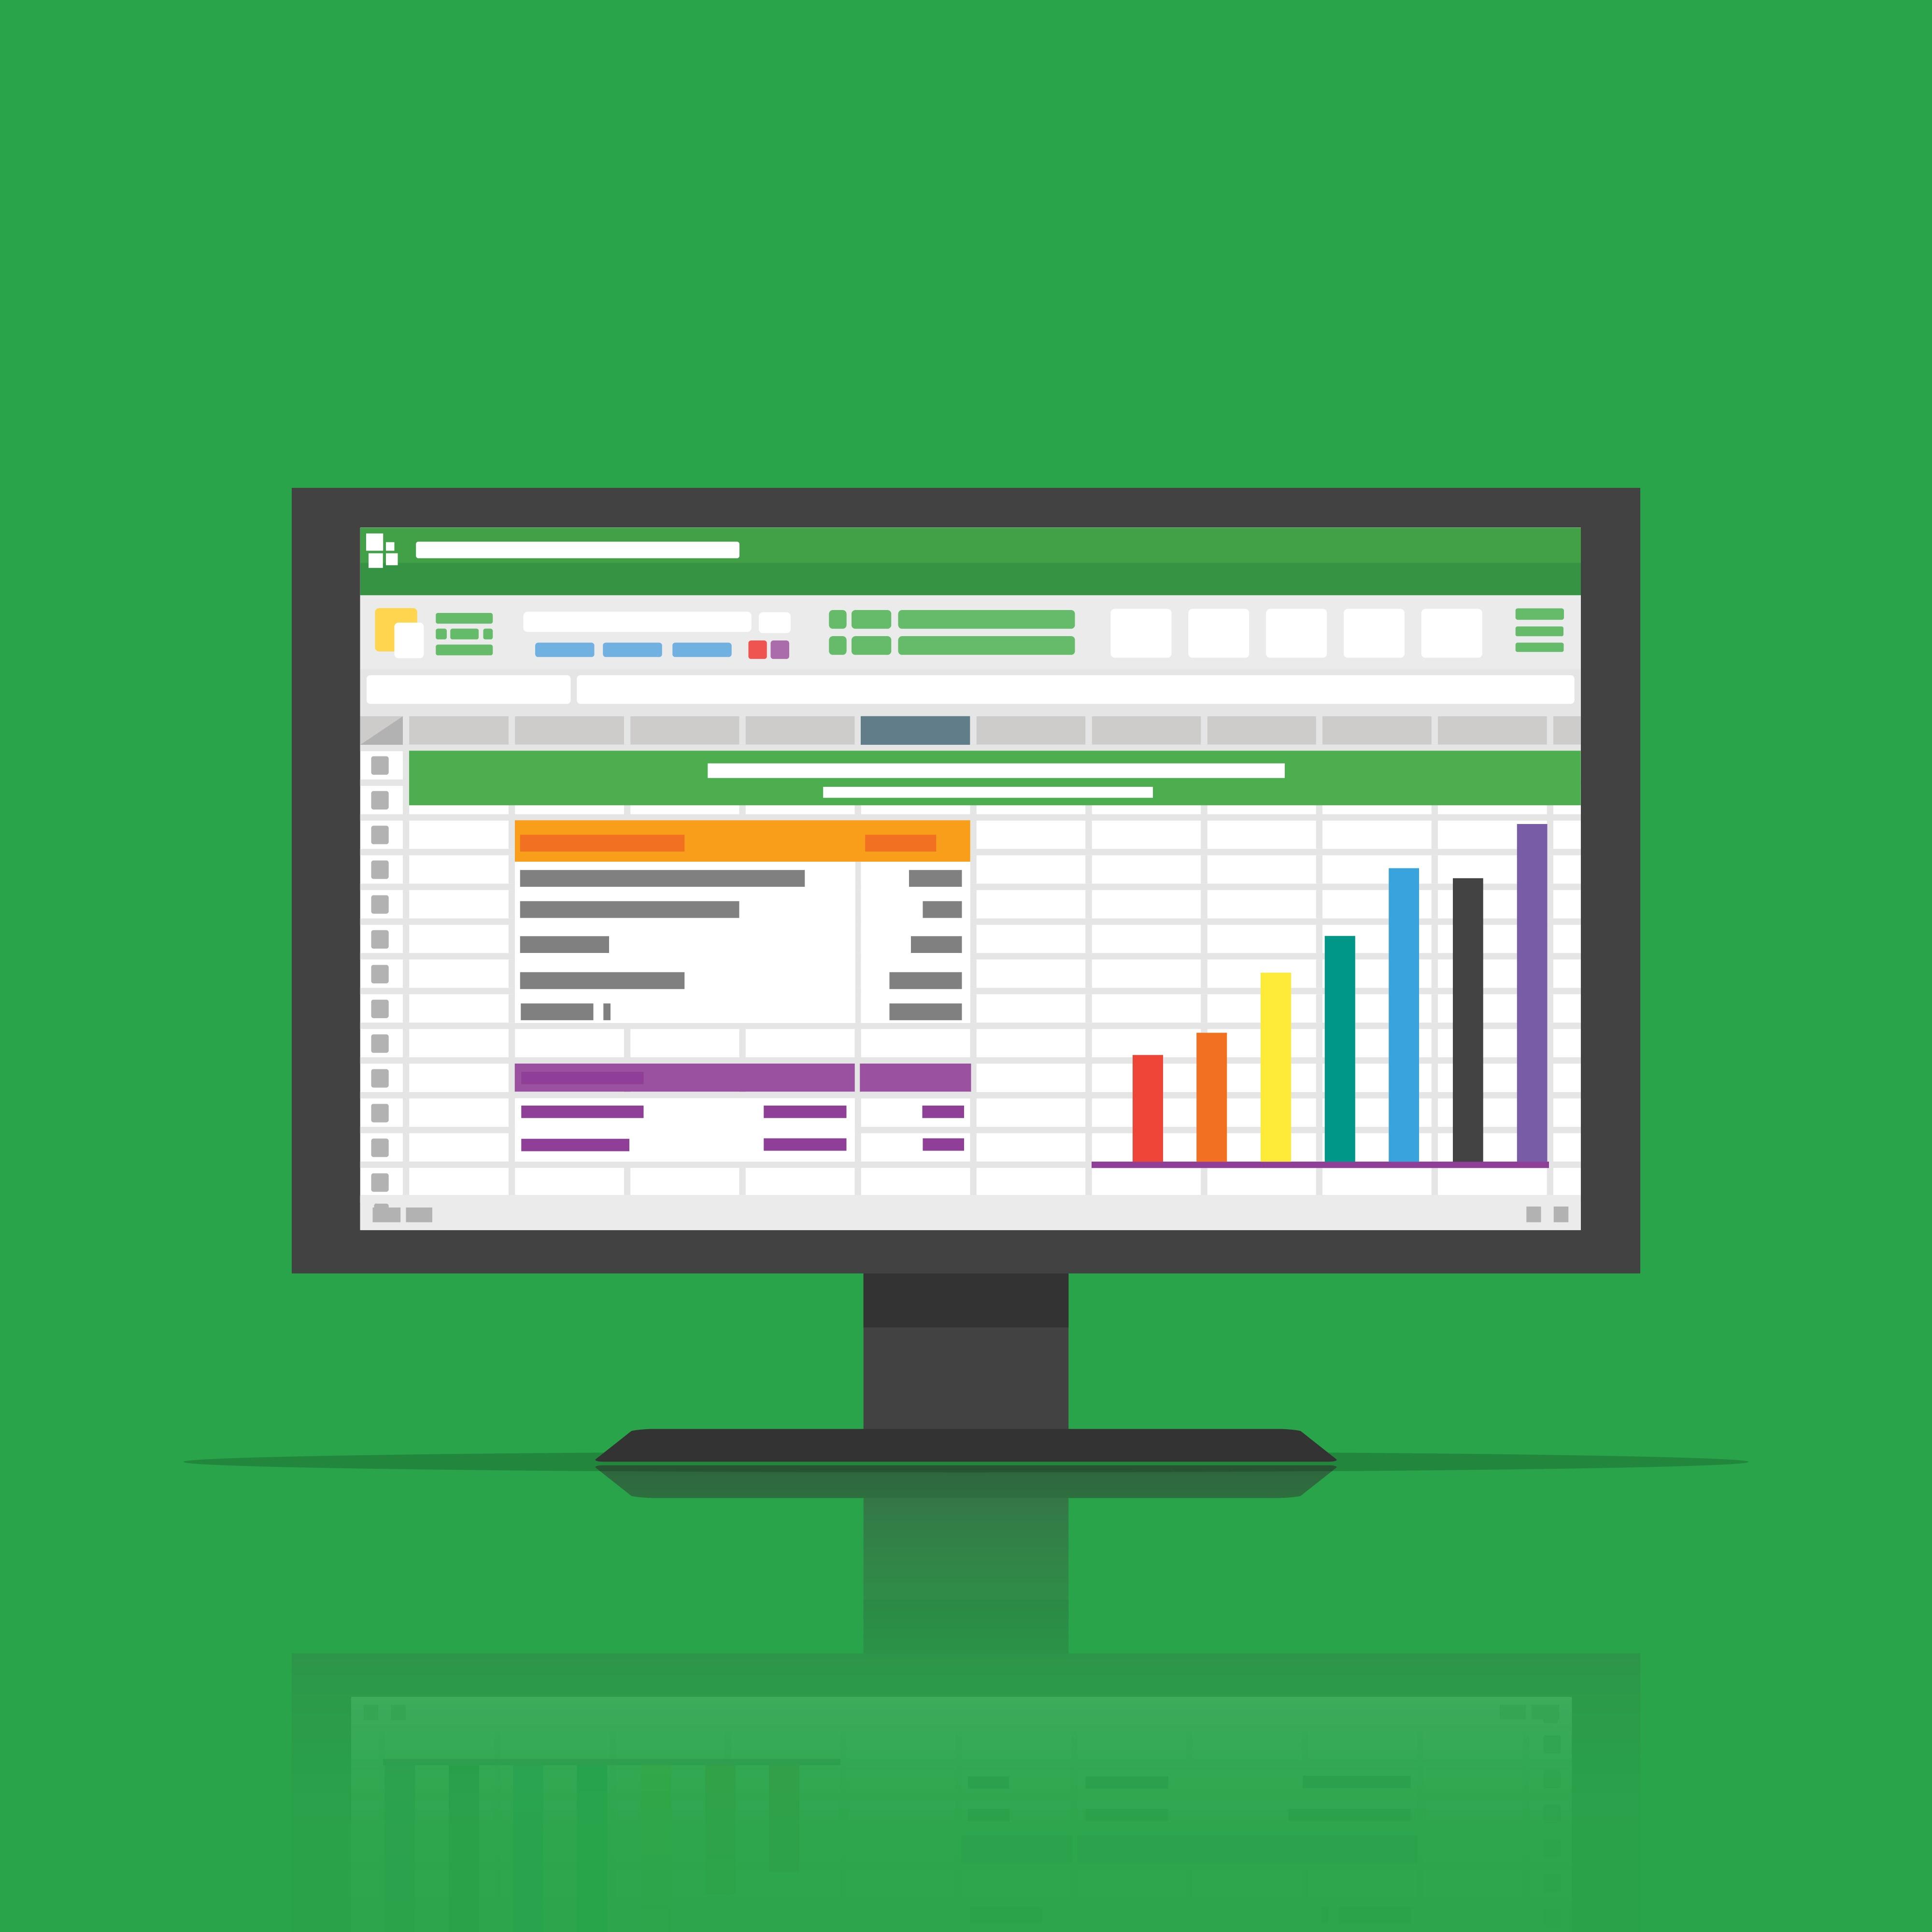 Excel spreadsheet security vulnerabilities